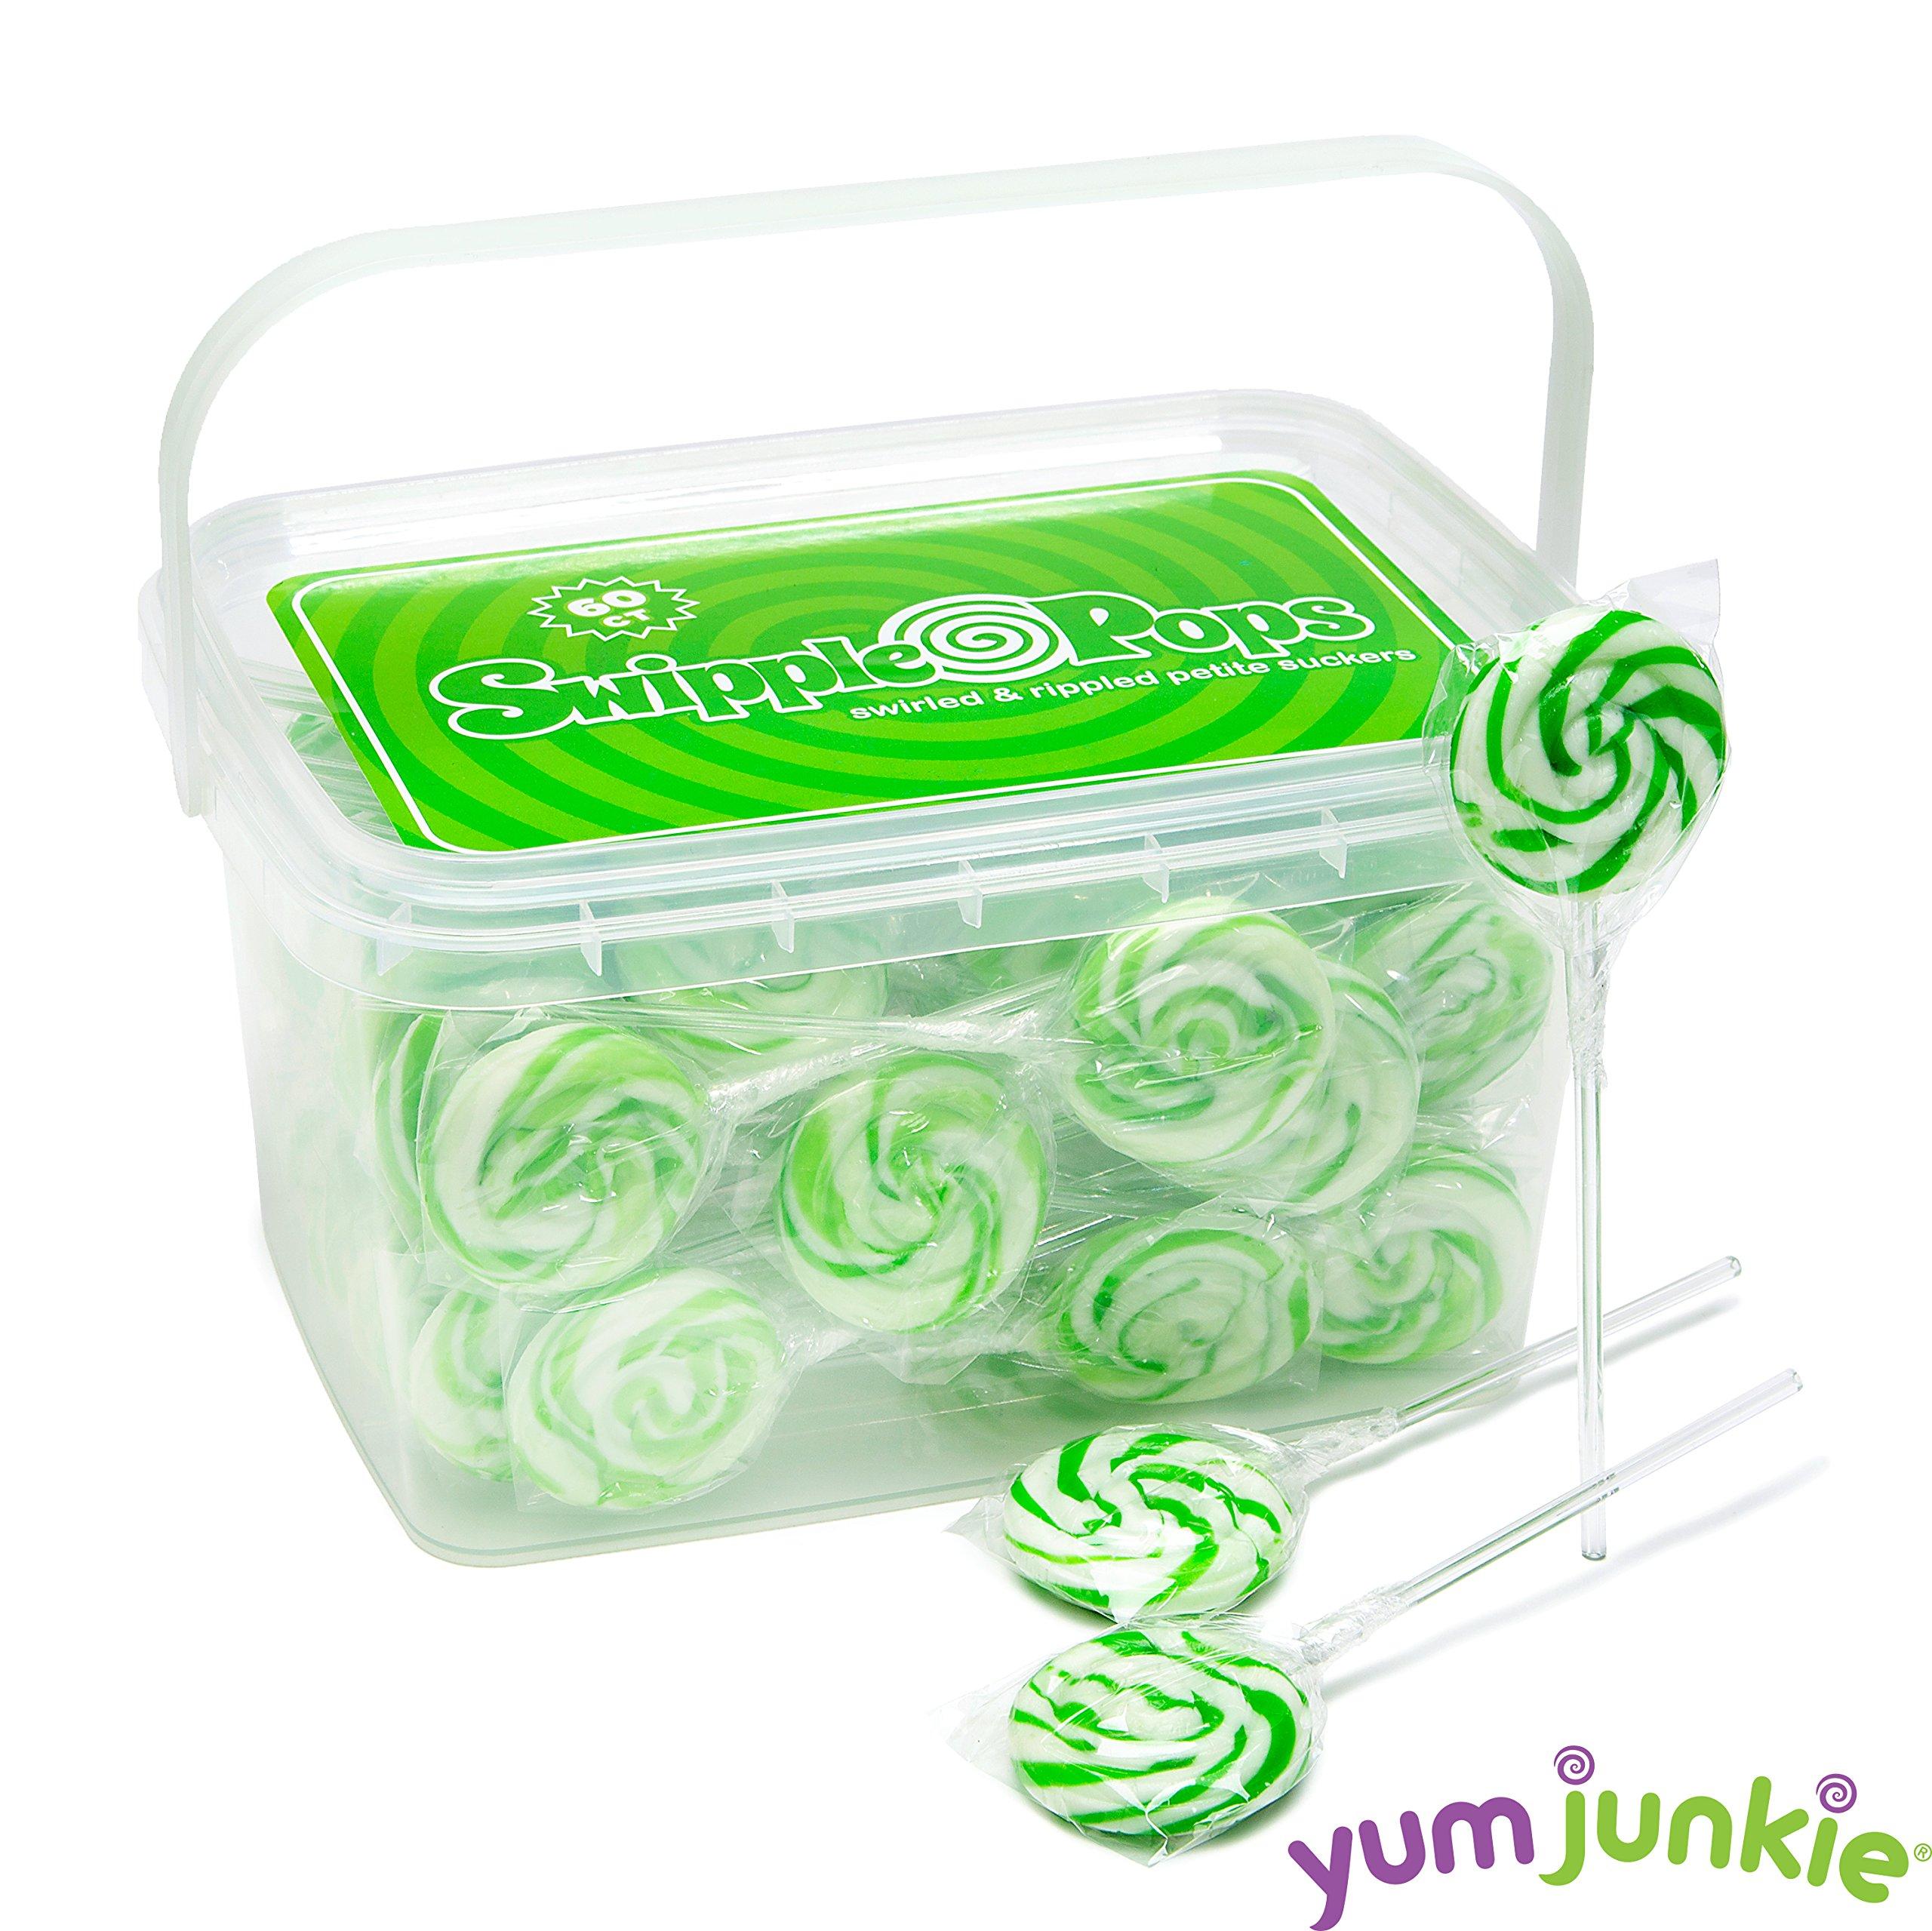 Swipple Pops Petite Swirl Ripple Lollipops - 60-Piece Tub (Green) by YumJunkie